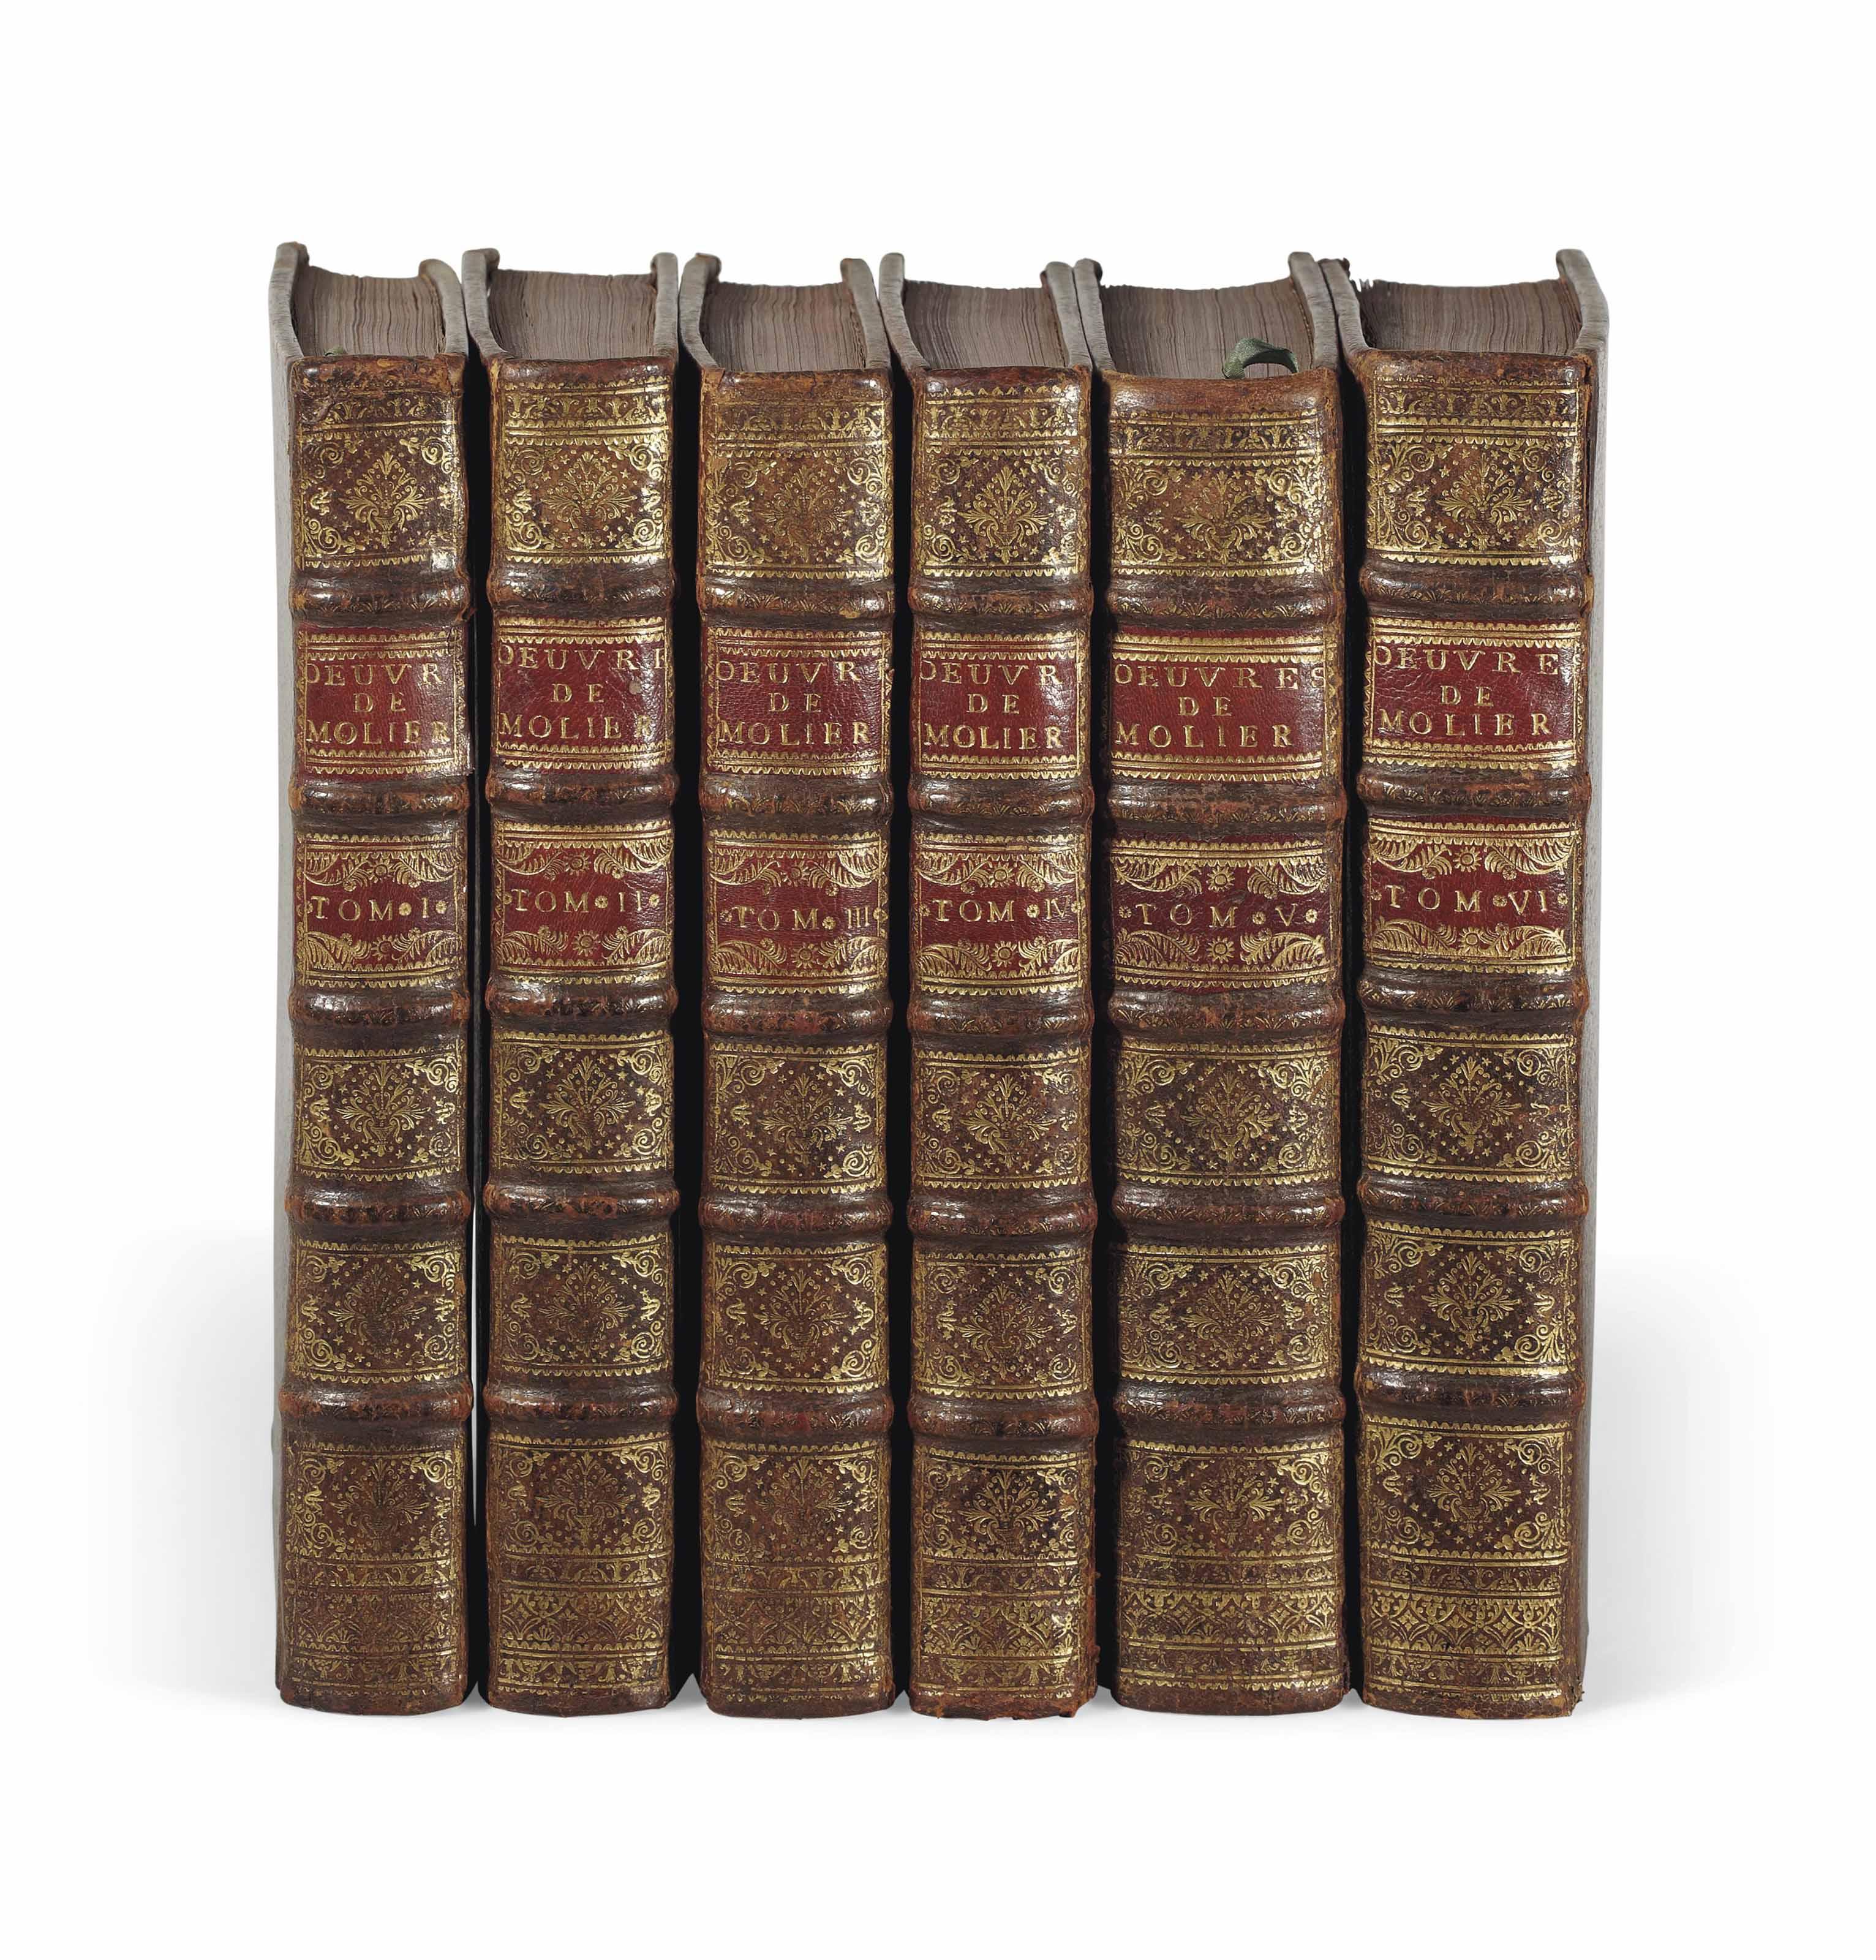 MOLIÈRE (1622-1673). Oeuvres. Nouvelle édition. Paris: [Pierre Prault], 1734. 6 volumes in-4 (286 x 205 mm). Portrait de l'auteur de Coypel gravé par Lépicié, 33 figures hors texte d'après Boucher et très nombreux culs-de-lampe et vignettes gravés par Joullain et Laurent Cars d'après Boucher, Blondel et Oppenord. Veau brun de l'époque, dos à nerfs ornés, tranches rouges.